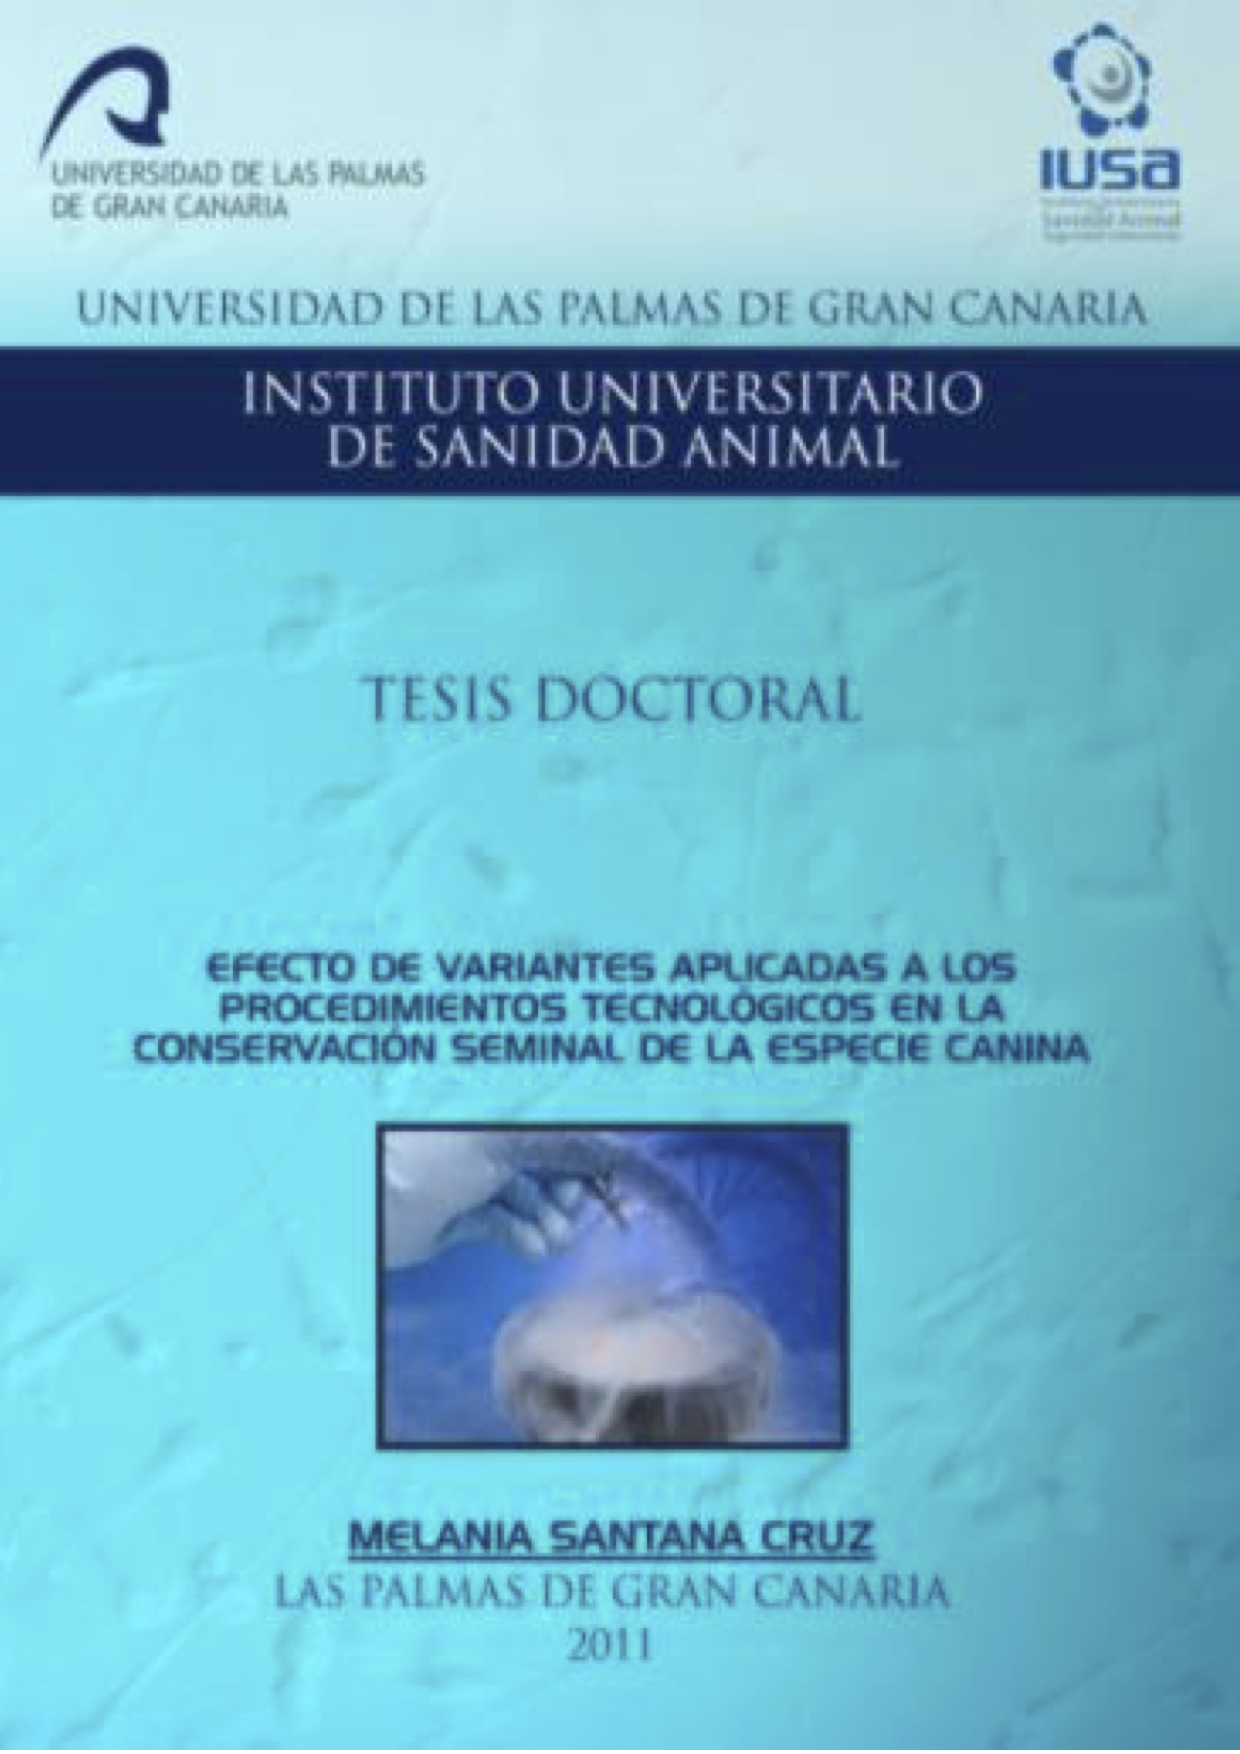 Tesis Doctoral: Efecto de variantes aplicadas a los procedimientos tecnológicos en la conservación seminal de la especie canina